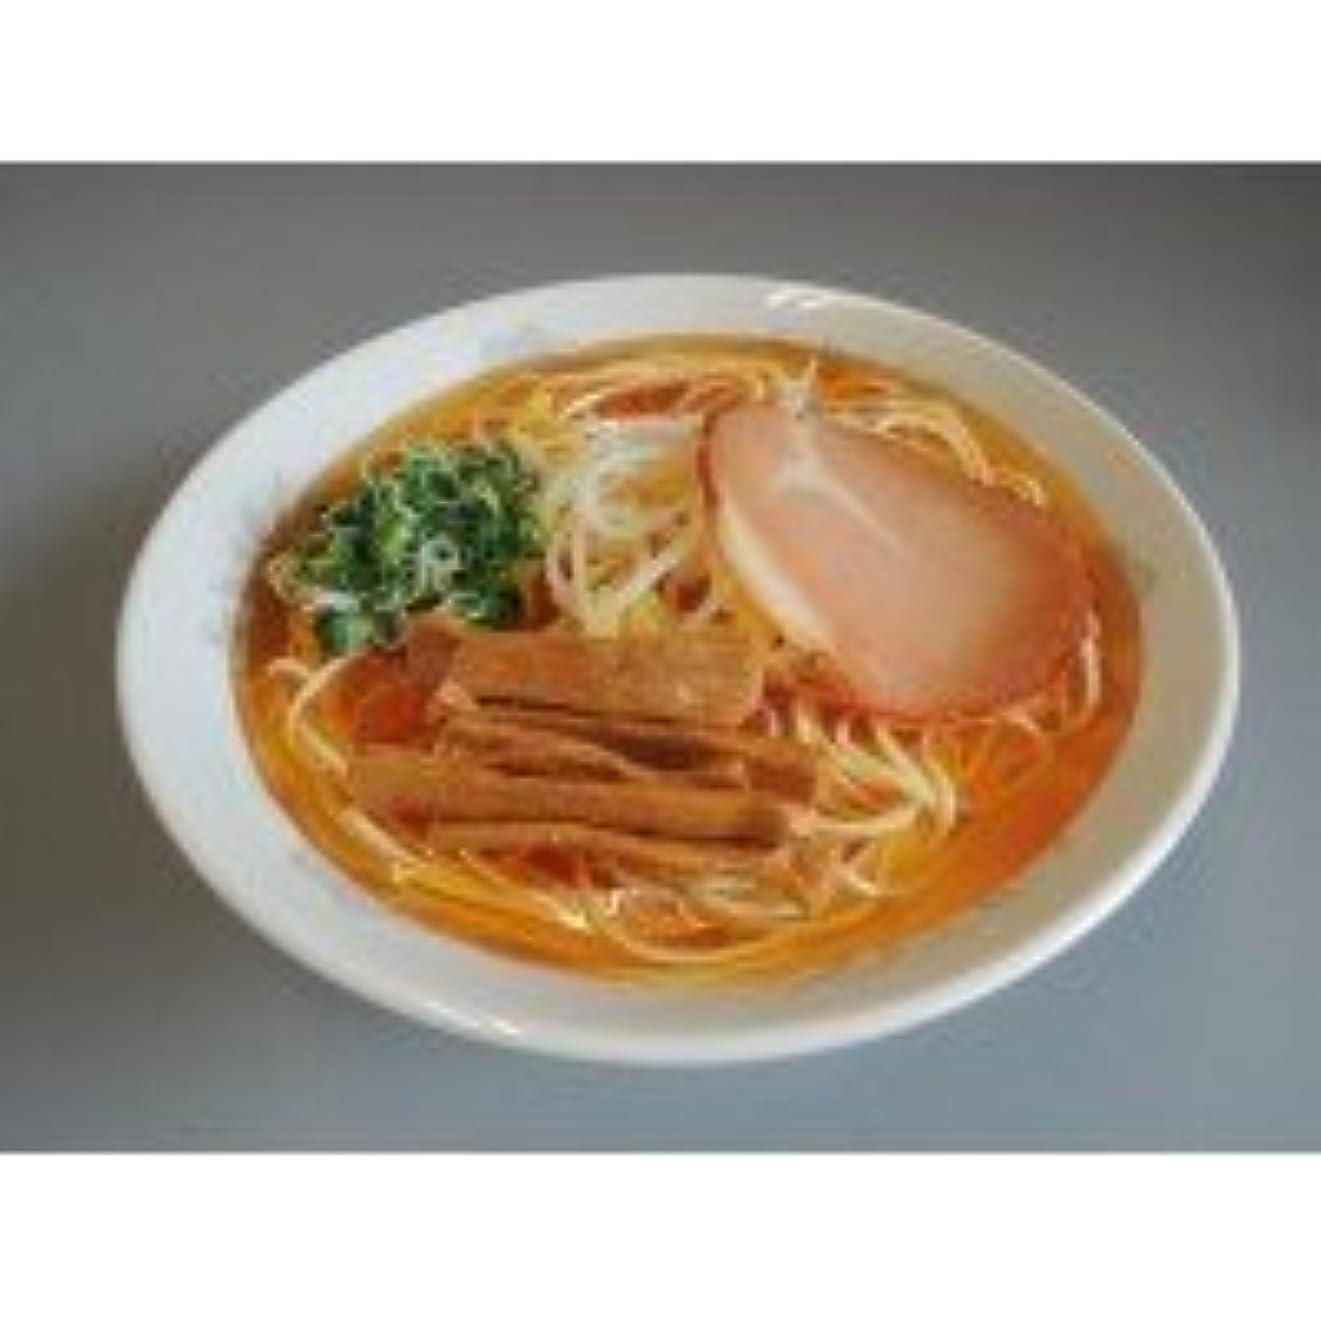 浴室おびえた温室日本職人が作る 食品サンプル ラーメン IP-163